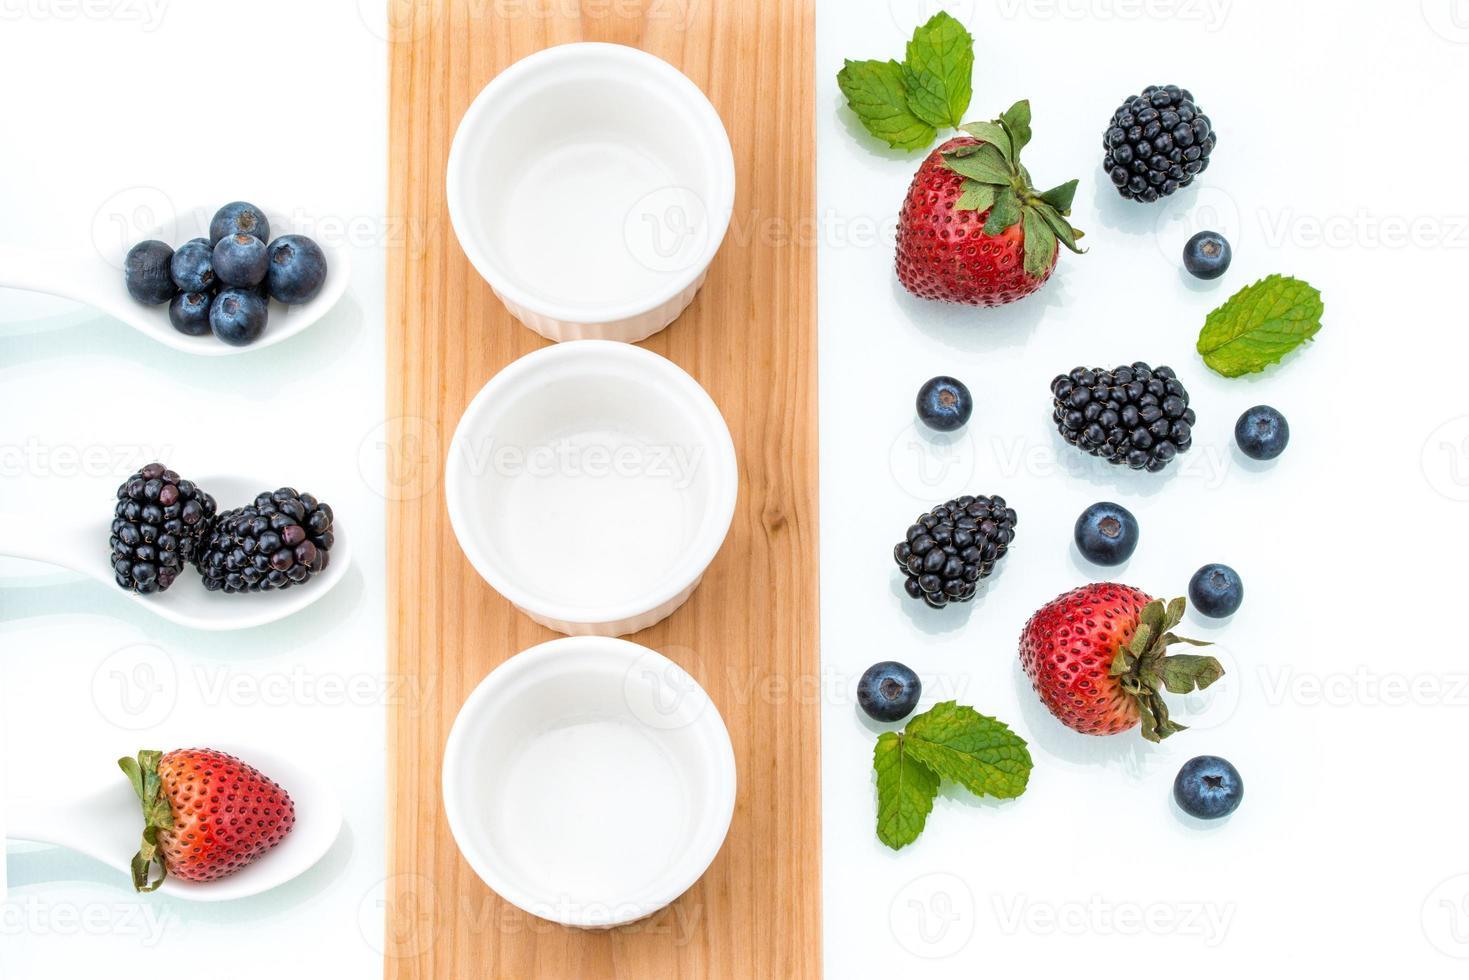 deliciosa fruta, baya, merienda, saludable, dieta foto